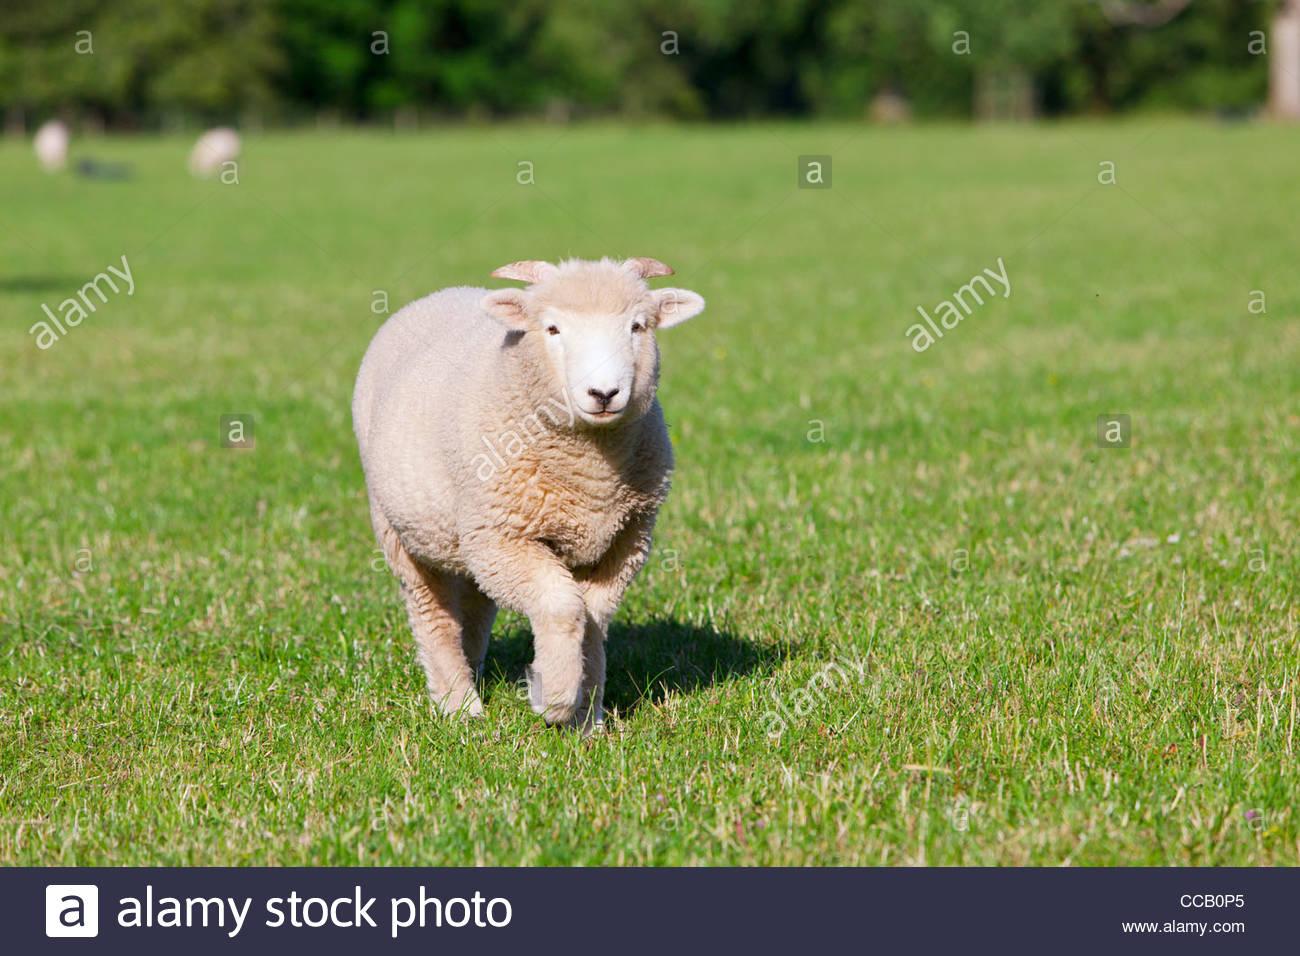 Sheep walking in field - Stock Image